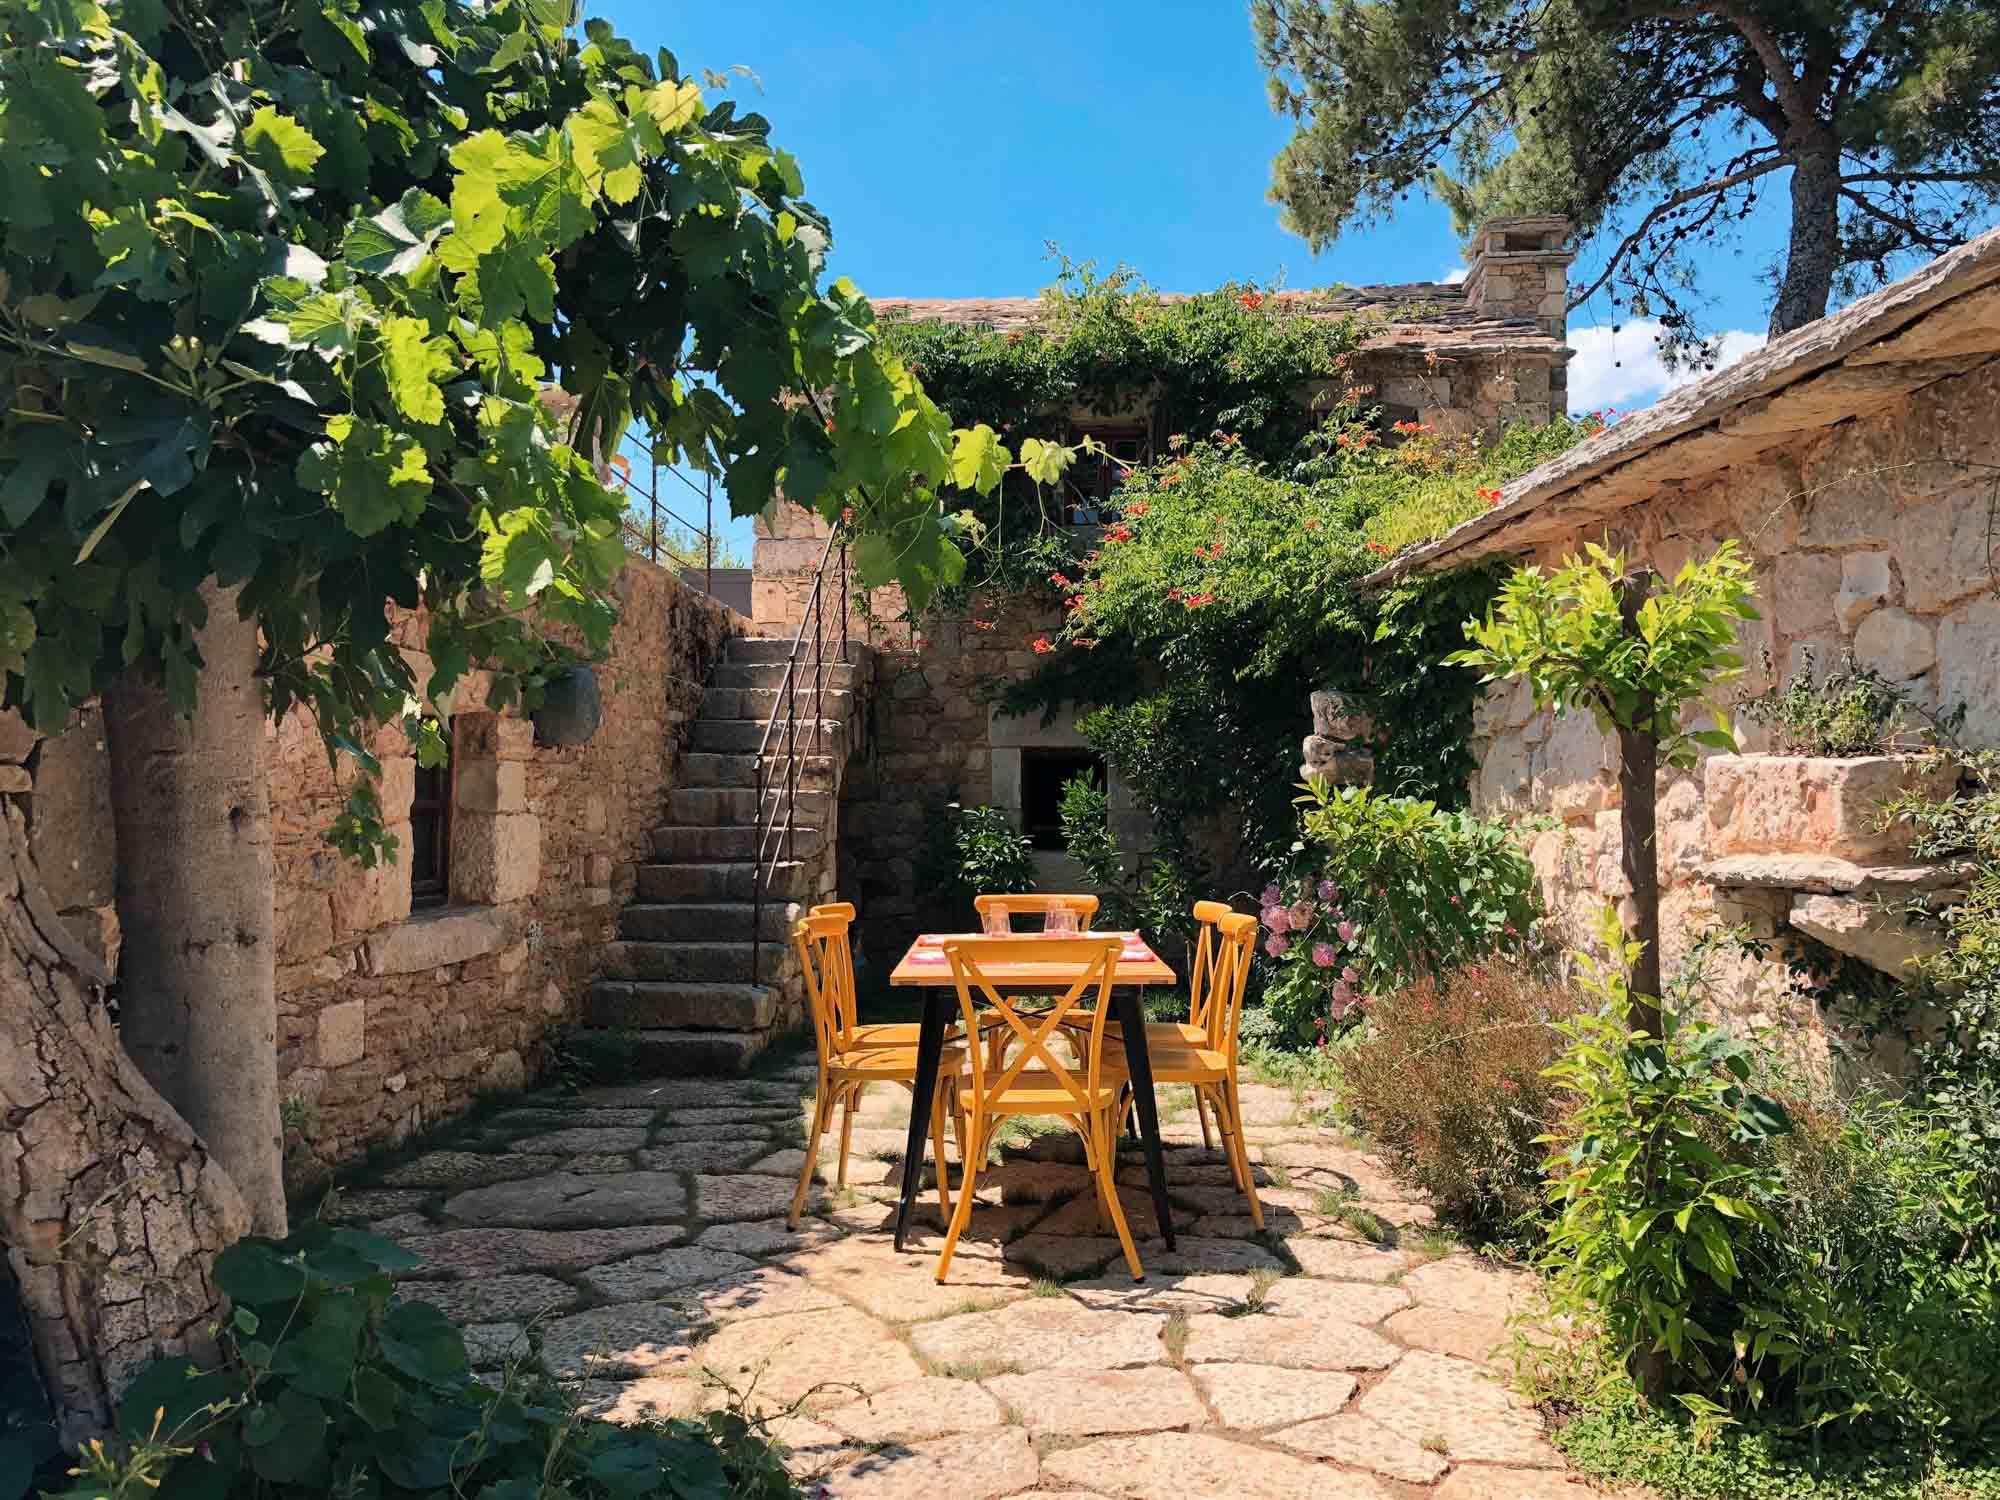 Dalmatian Ethno Village, Amadria Park, Sibenik